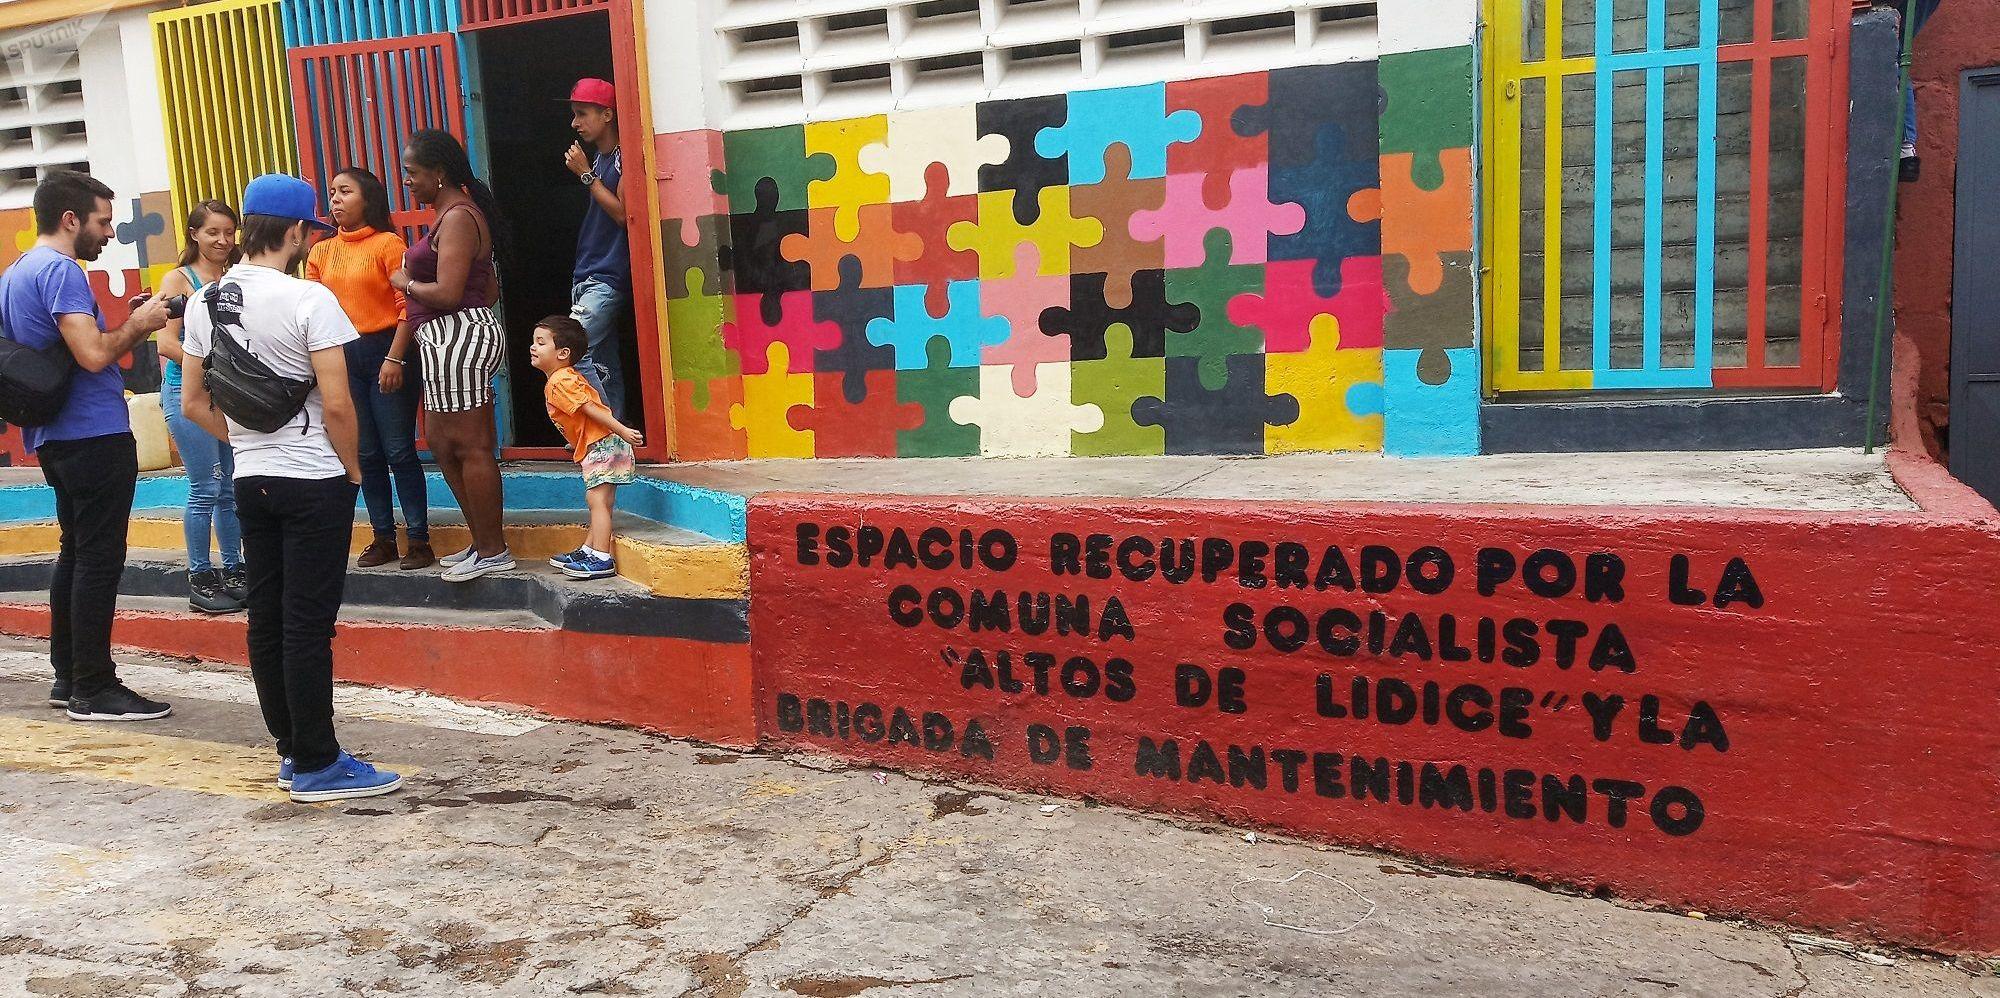 Espacio recuperado por la Comuna Socialista Altos de Lídice, Caracas, Venezuela